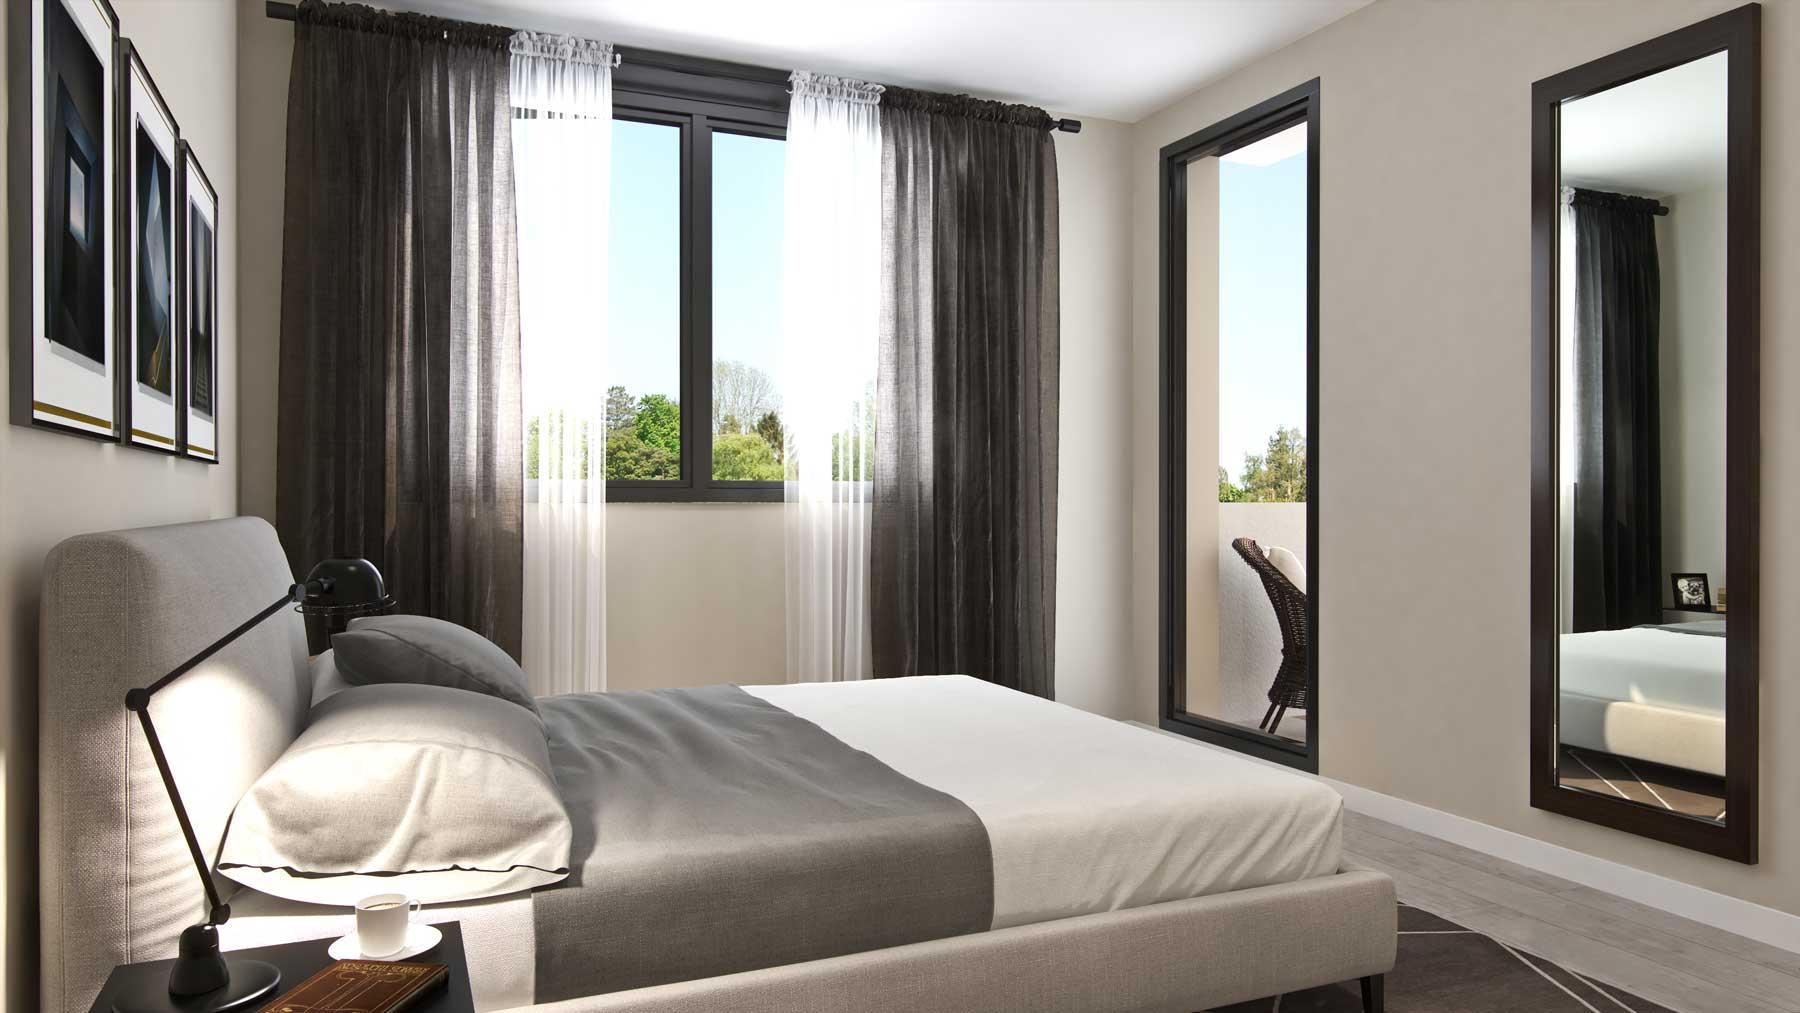 Dormitorio-HQ